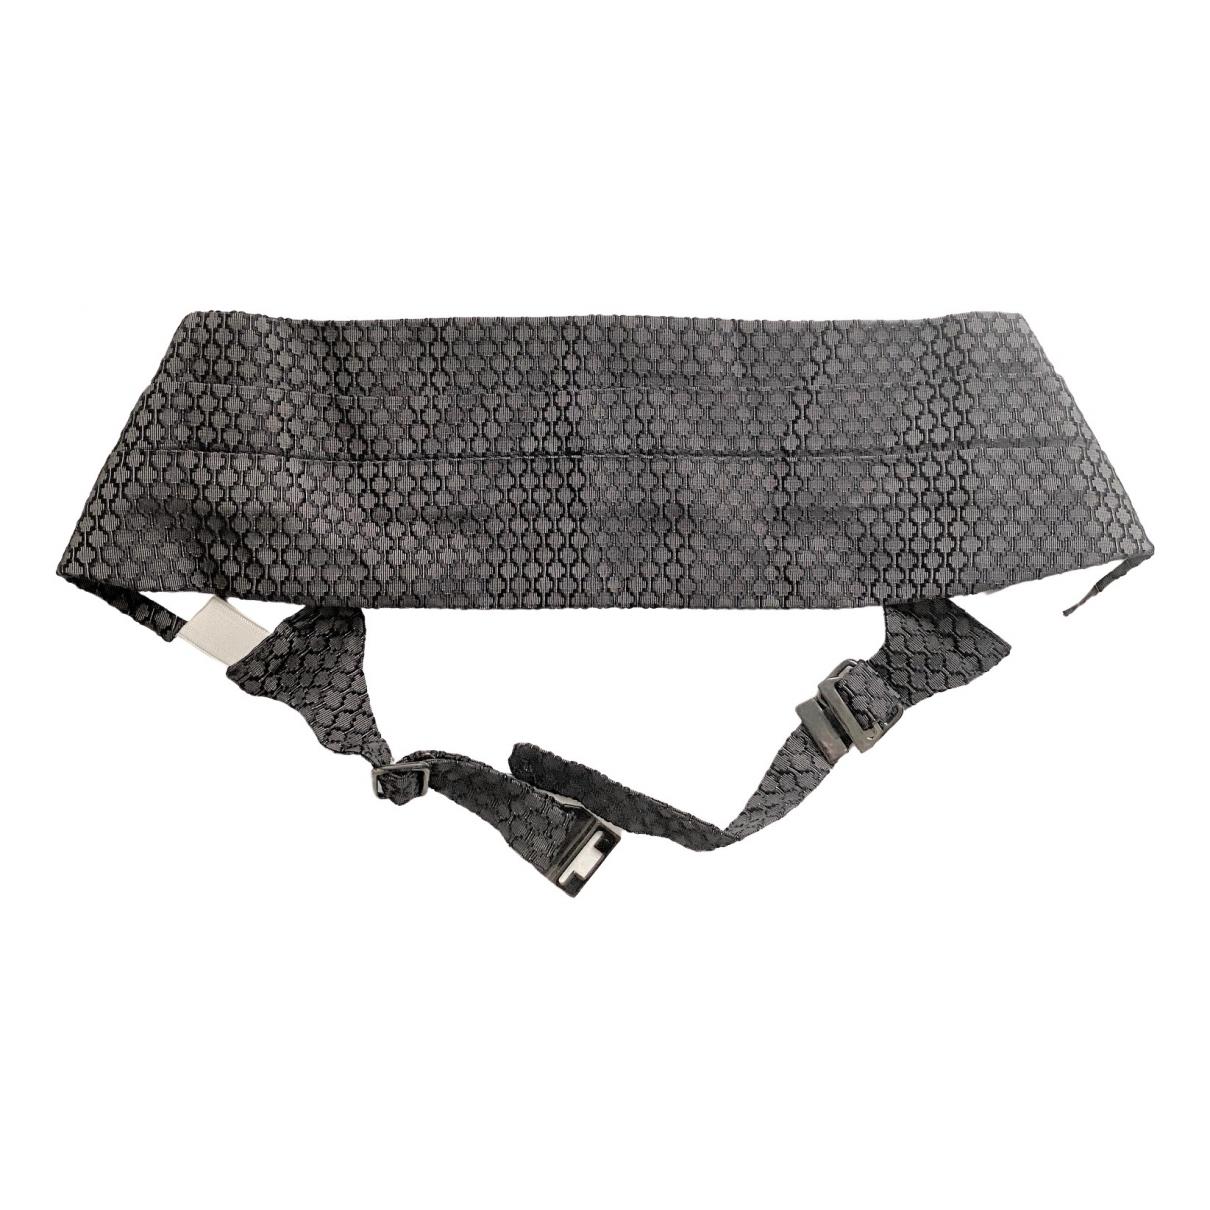 Gucci \N Grey Cloth belt for Men M international